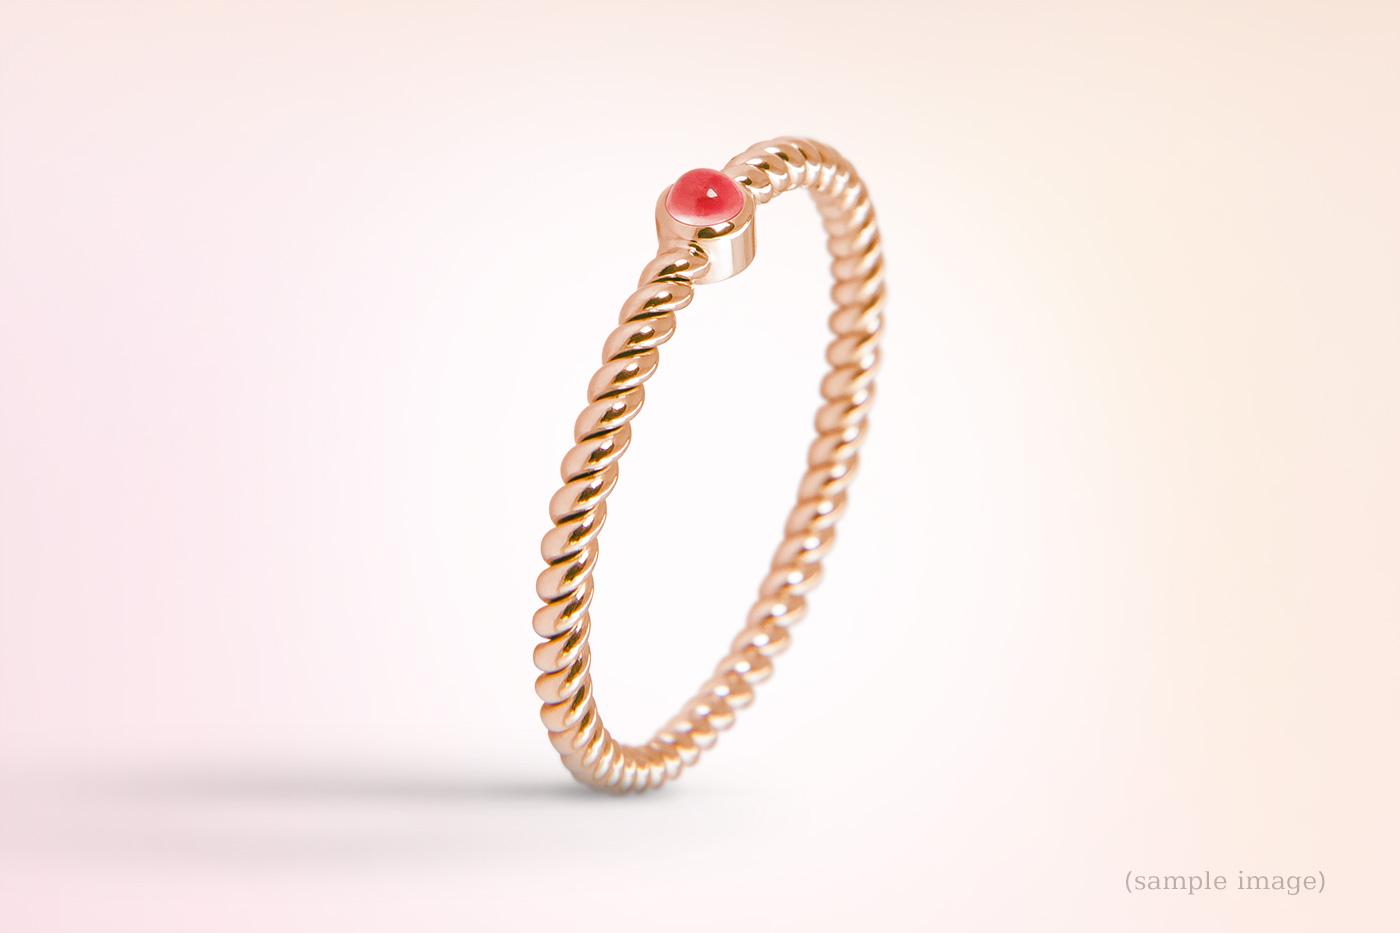 702-Ring gelbgold Edlesteinfarbe rot Damenring gedreht